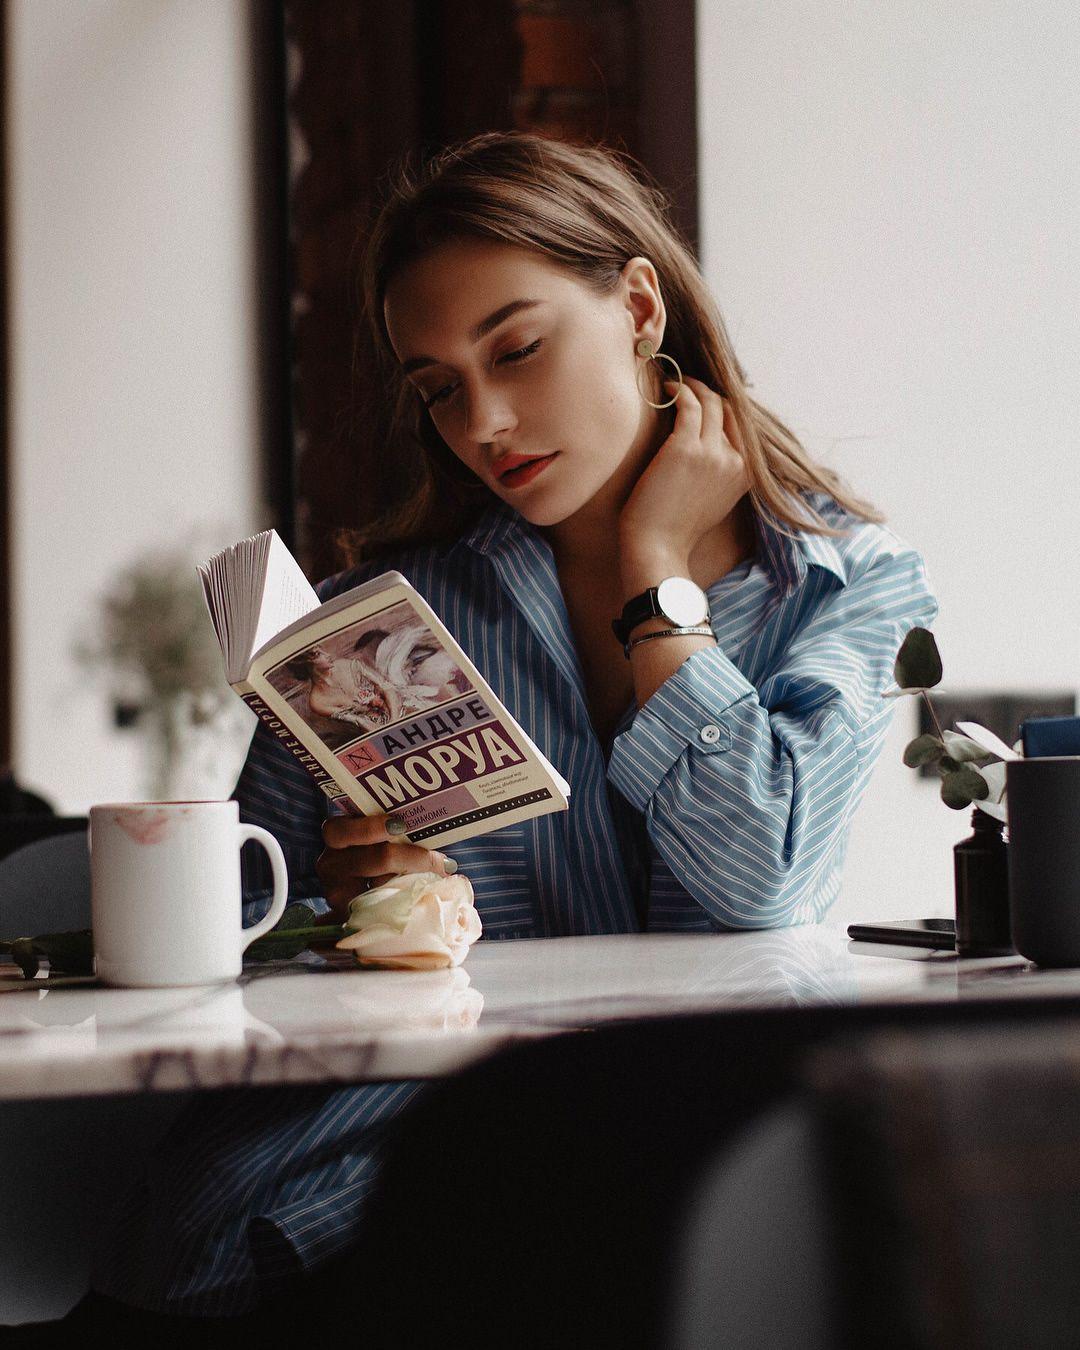 Идеи для фото | Кофейная девушка, Фотосессия, Портретная ...